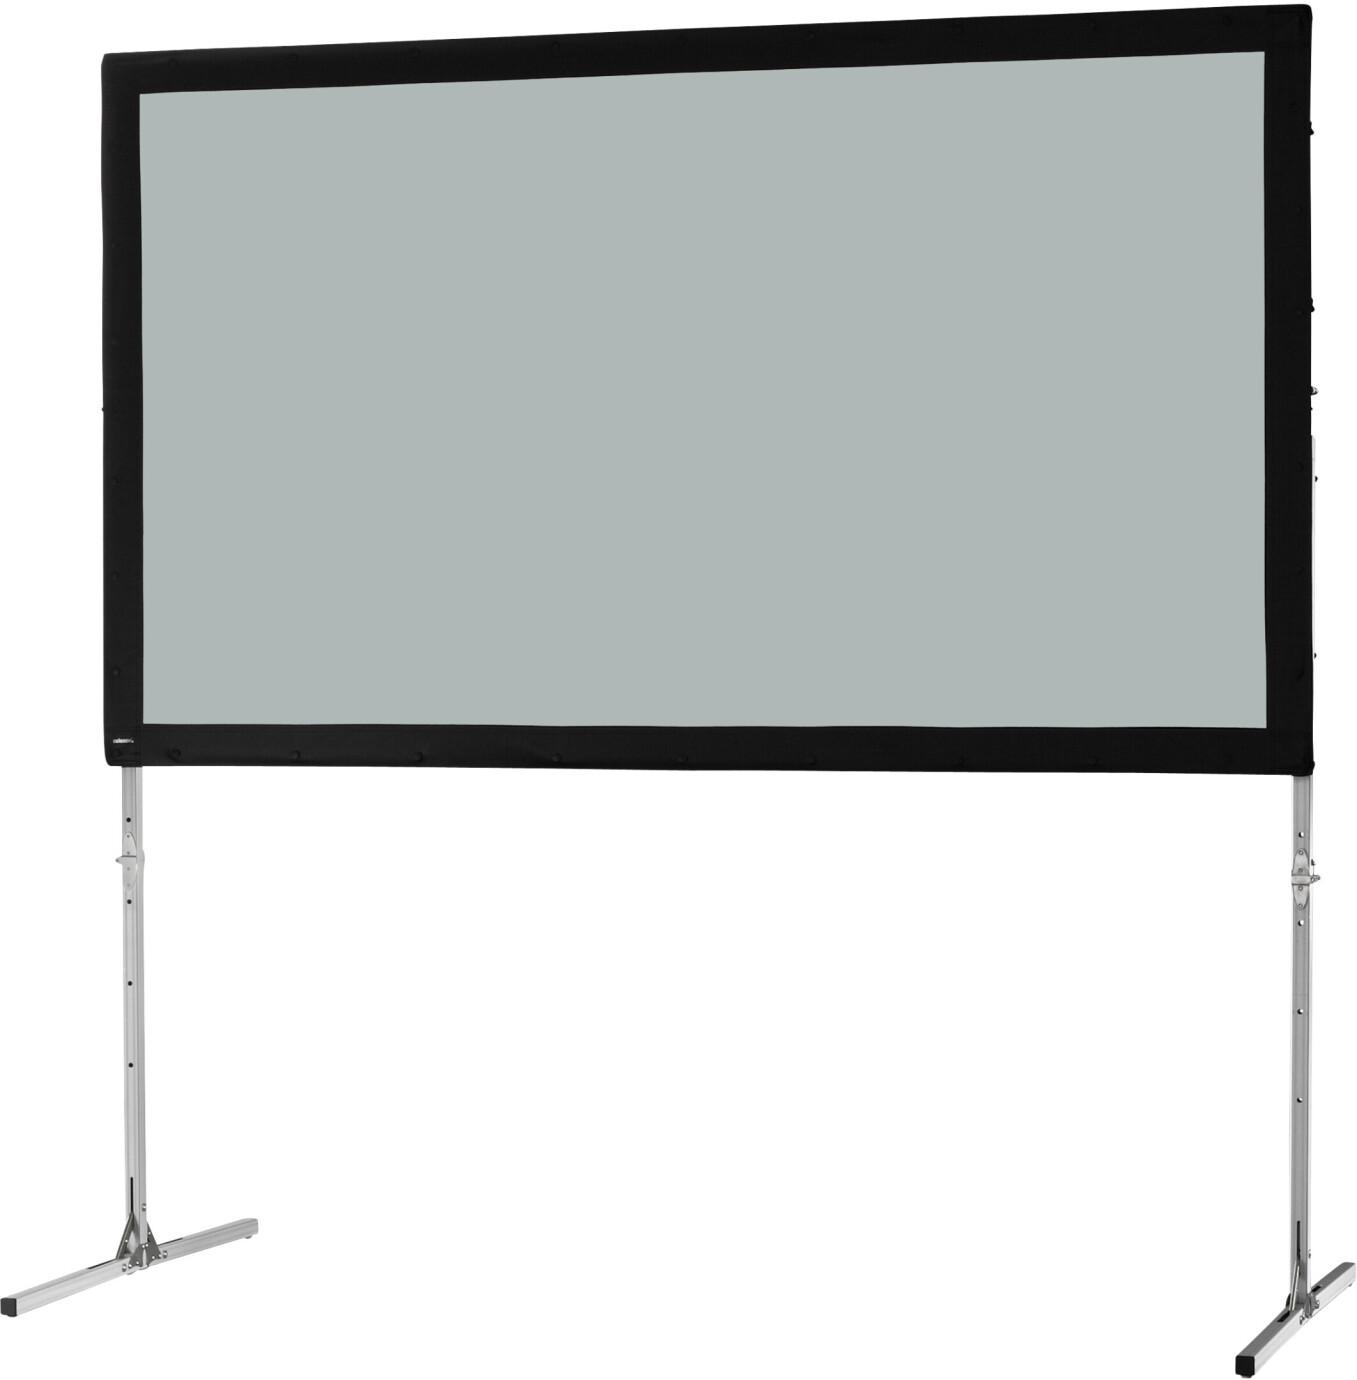 Ecran de projection sur cadre celexon « Mobil Expert » 305 x 172 cm, projection par l'arrière